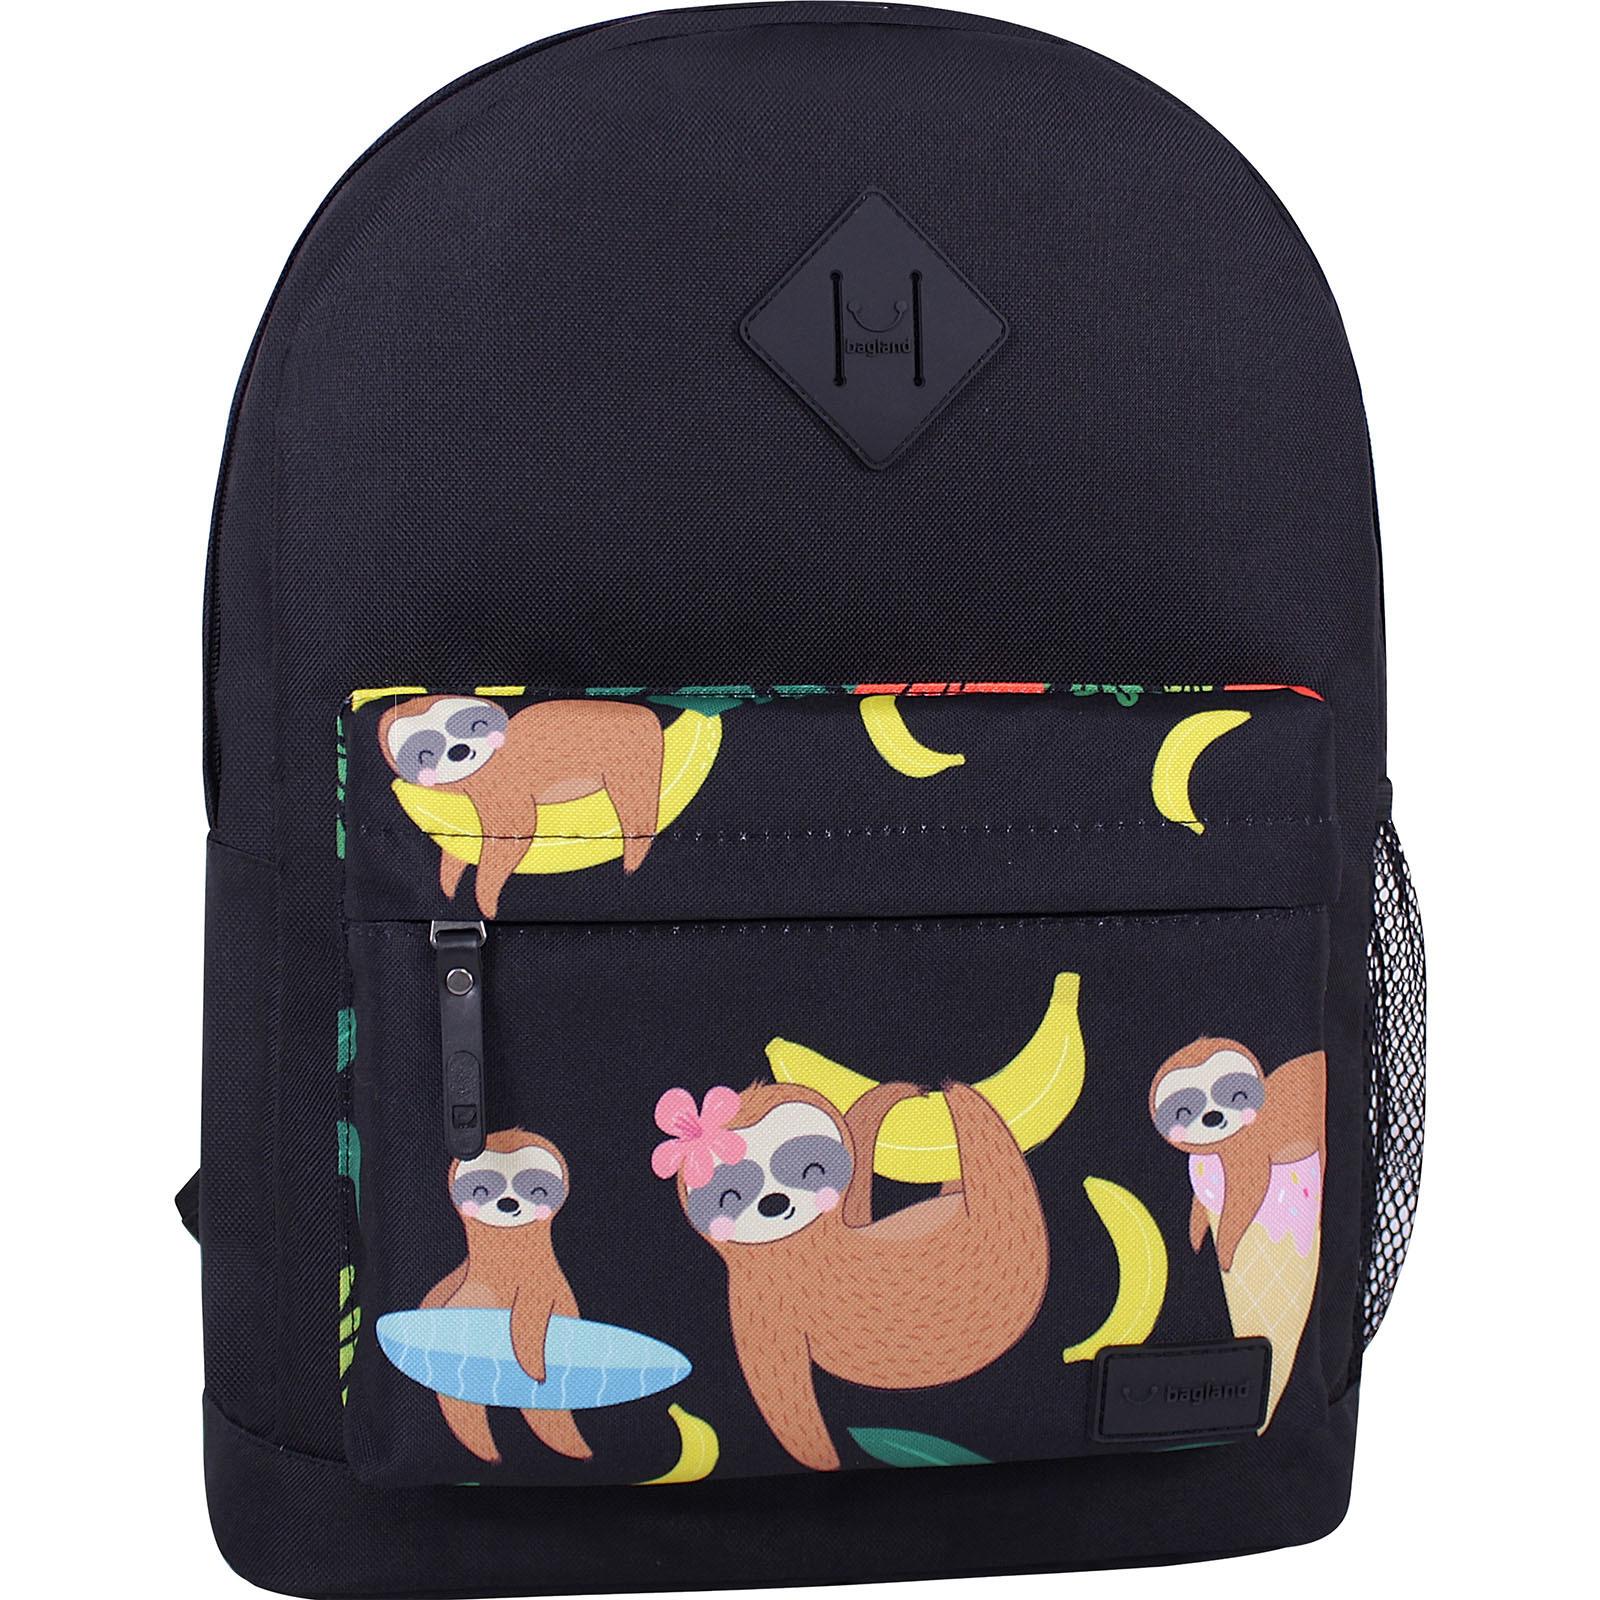 Молодежные рюкзаки Рюкзак Bagland Молодежный W/R 17 л. черный 774 (00533662) IMG_6836_суб.774_.JPG